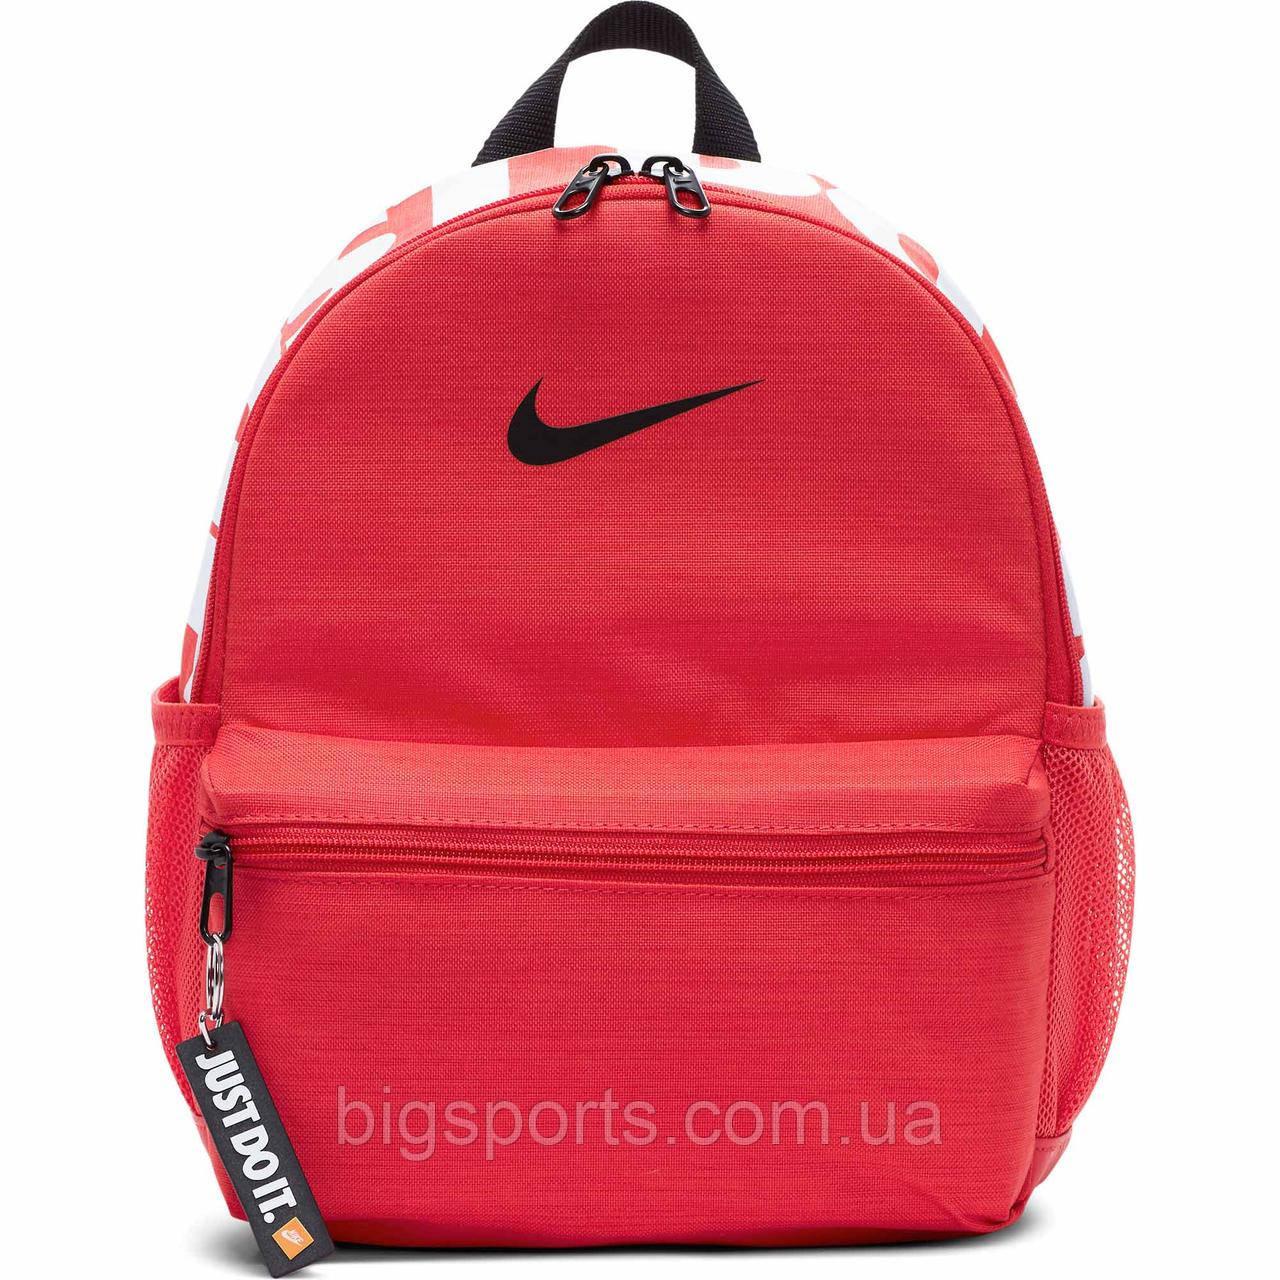 Рюкзак спортивный дет. Nike Y Nk Brsla Jdi Mini Bkpk (арт. BA5559-631)